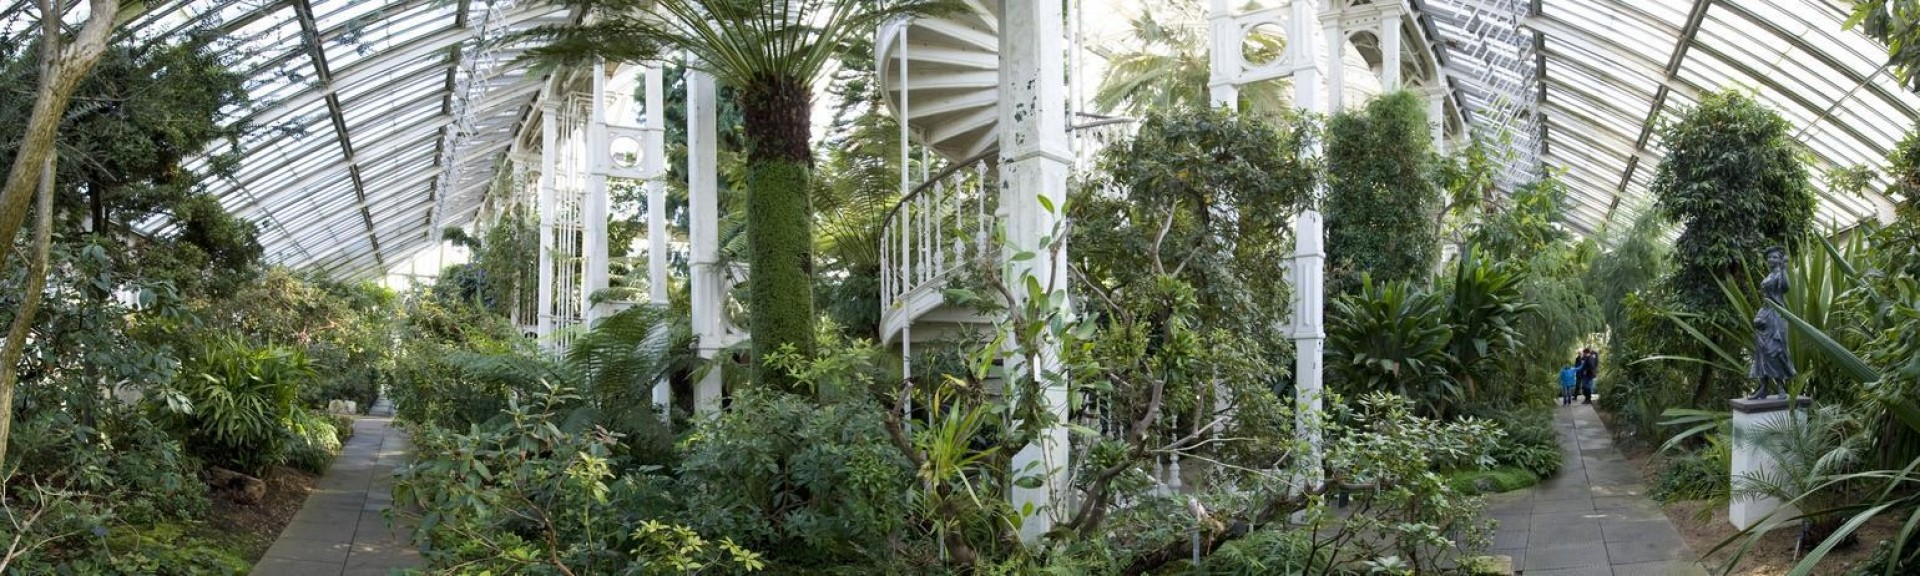 Kew Gardens Royal Botanic Gardens London Visit Britain